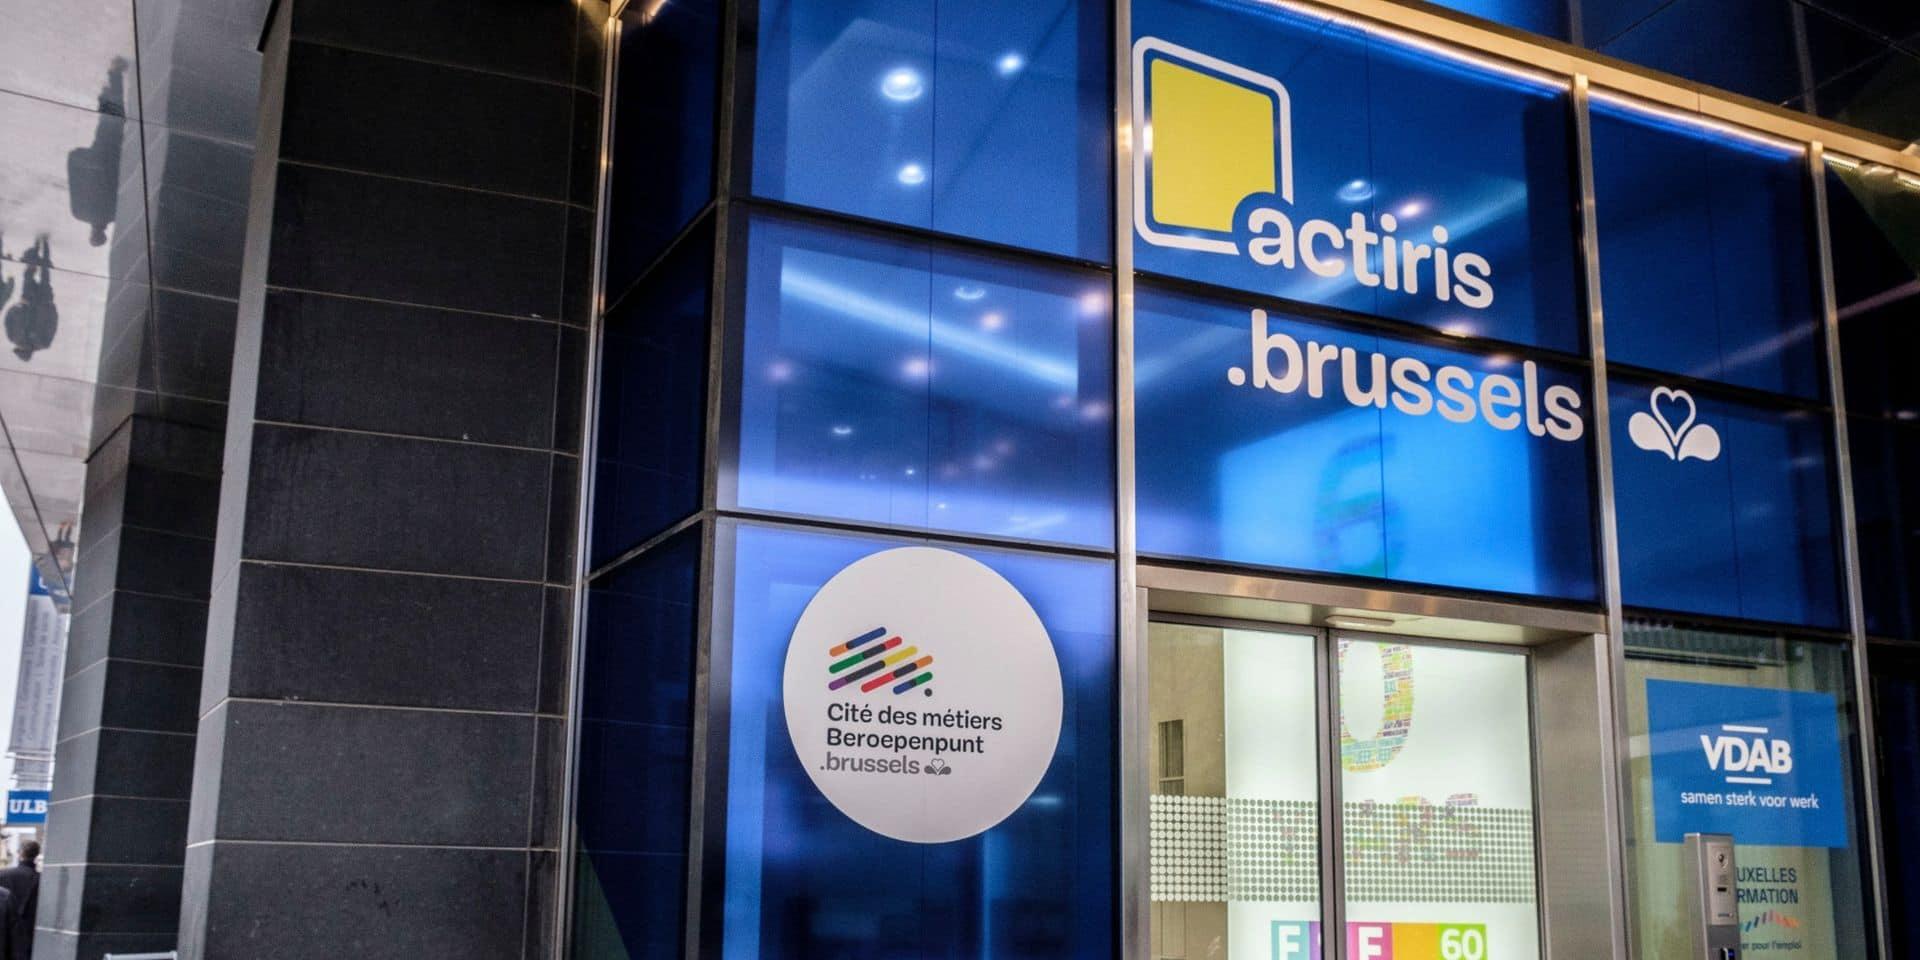 Le chômage augmente (encore) à Bruxelles